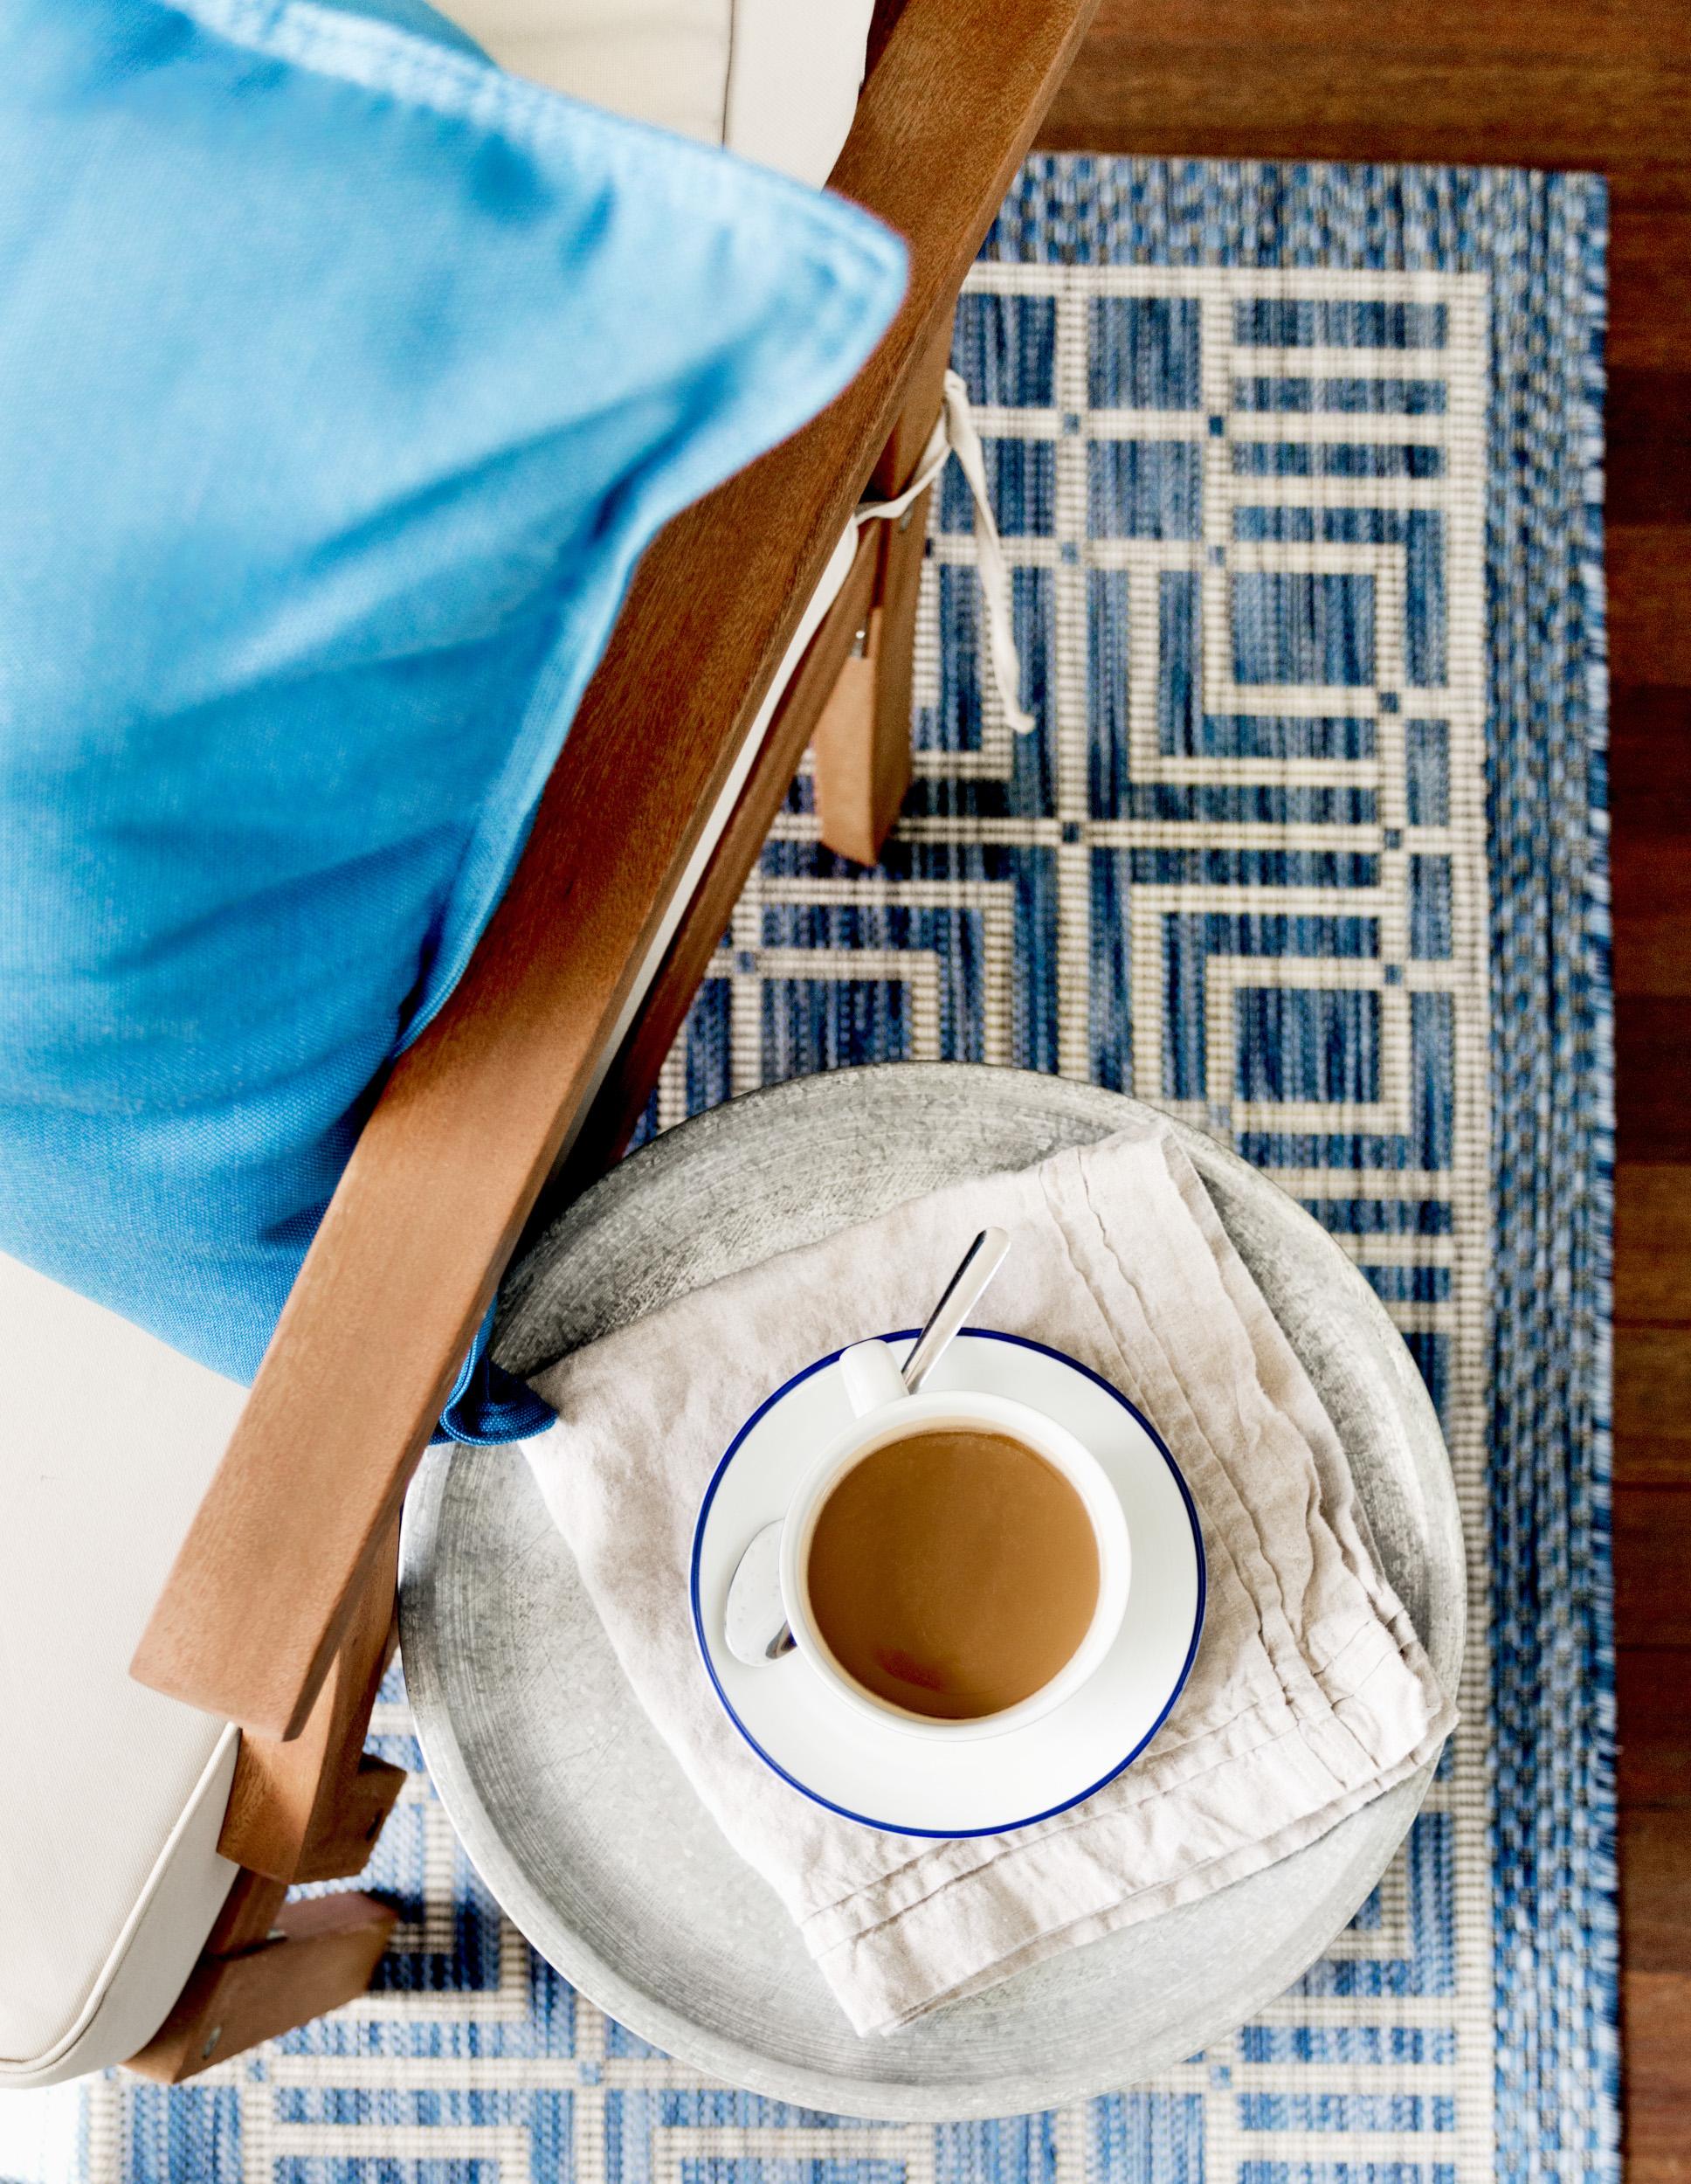 Room Design Interior Decorator Caroline Kopp Connecticut Interior Designers.jpg